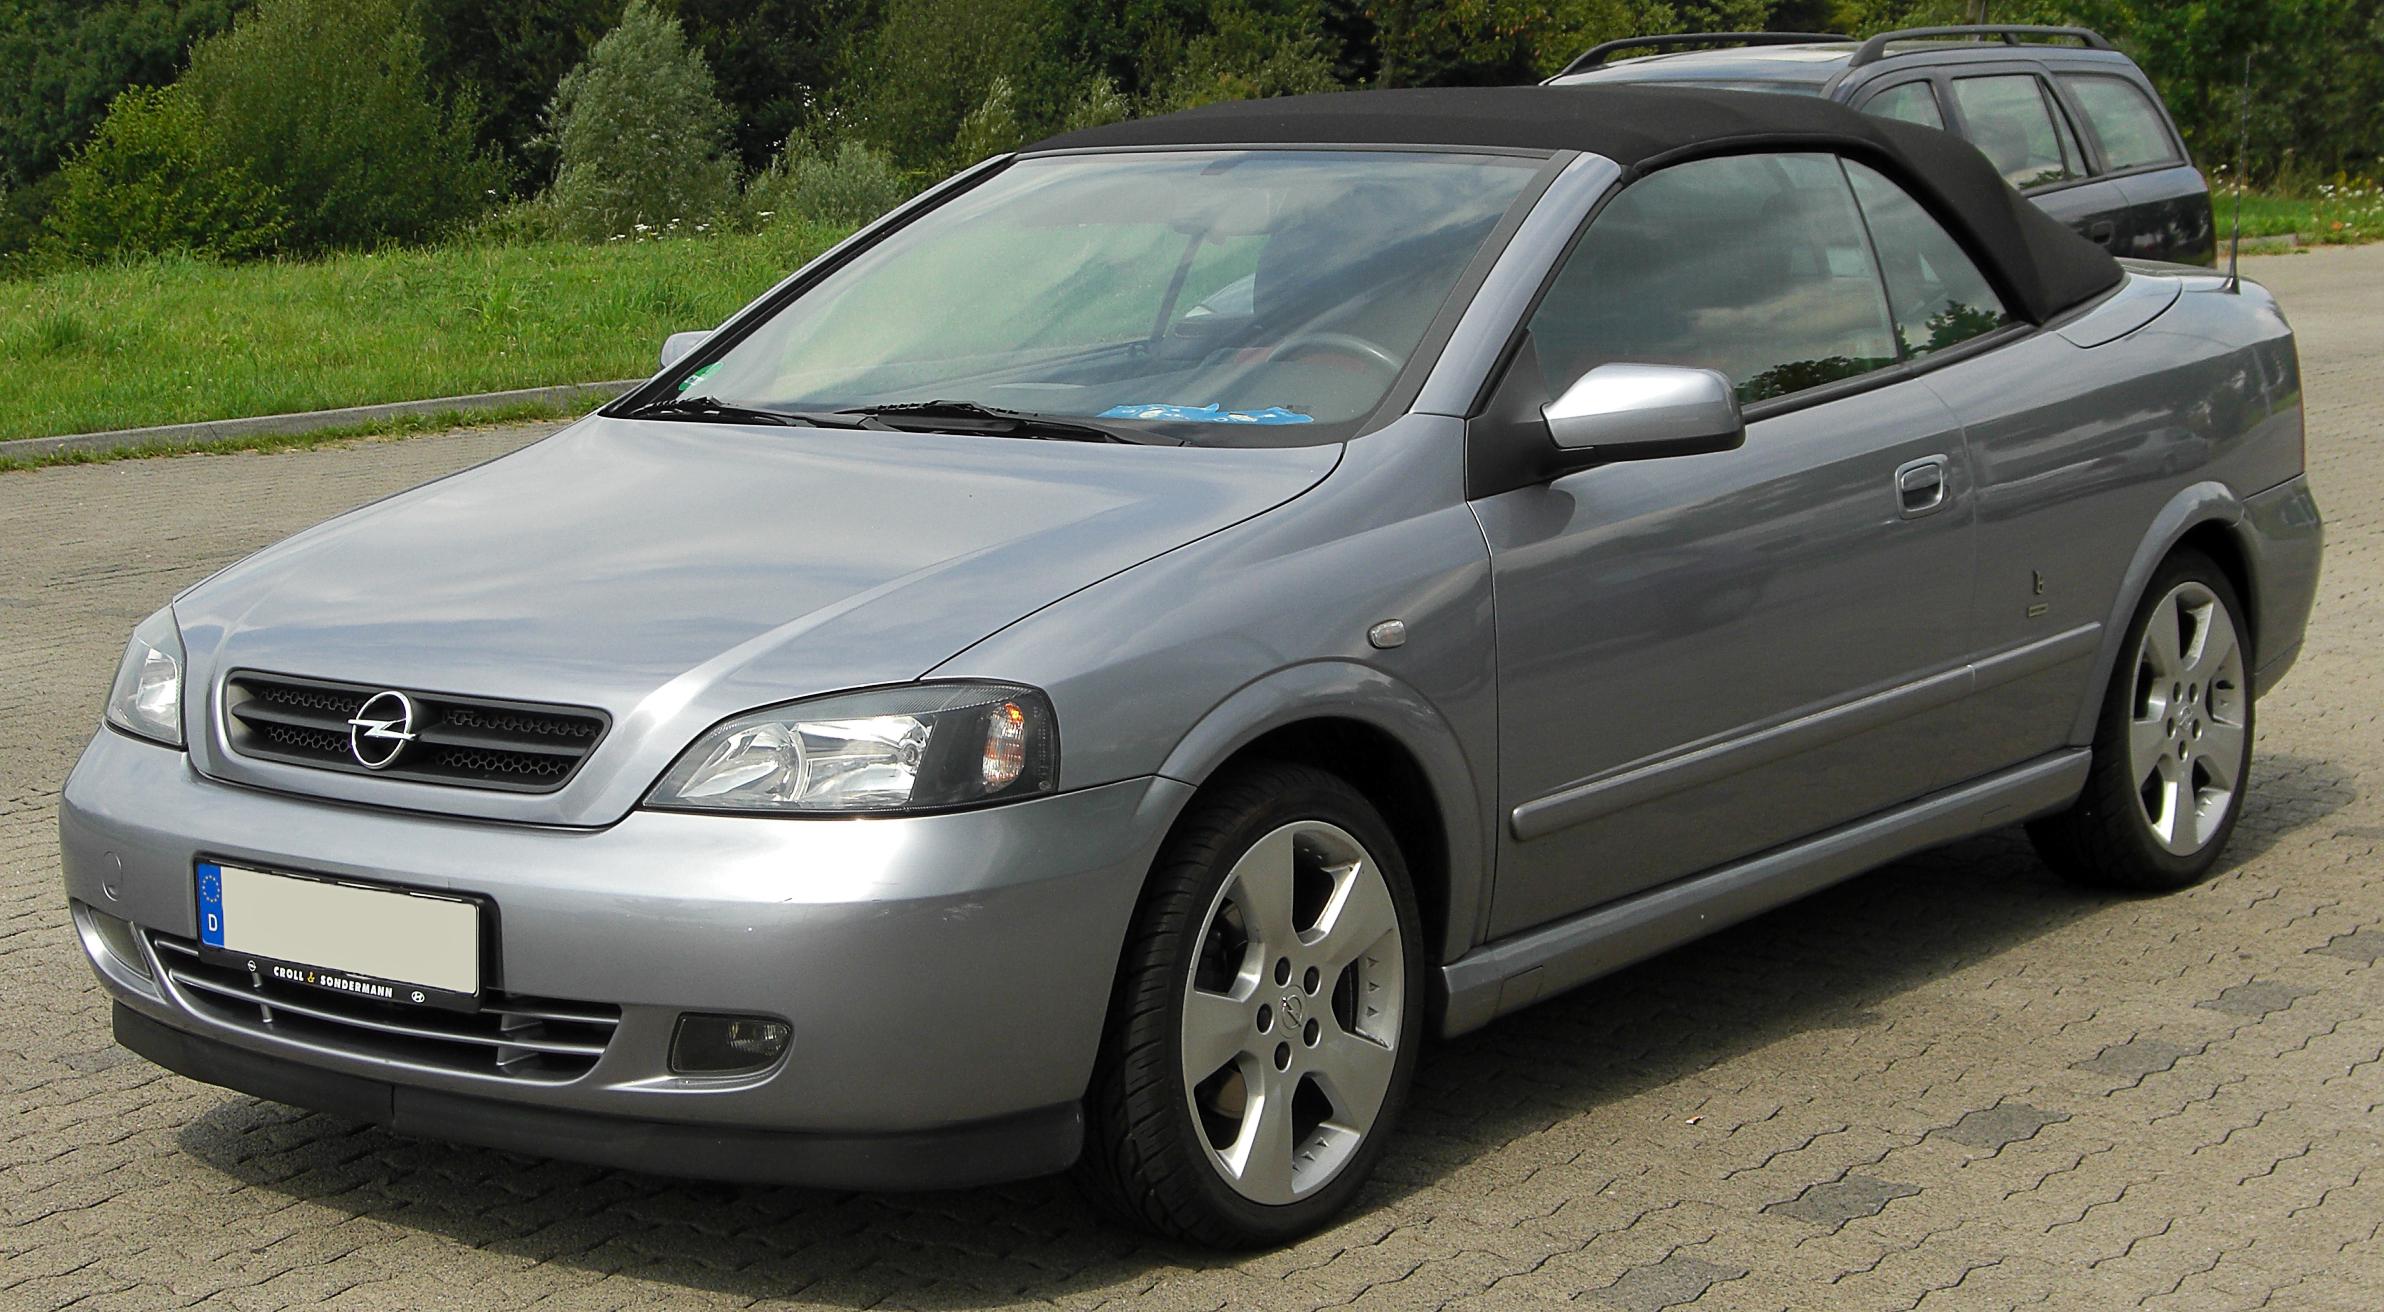 Plik:Opel Astra G Cabriolet front 20100801.jpg – Wikipedia ...